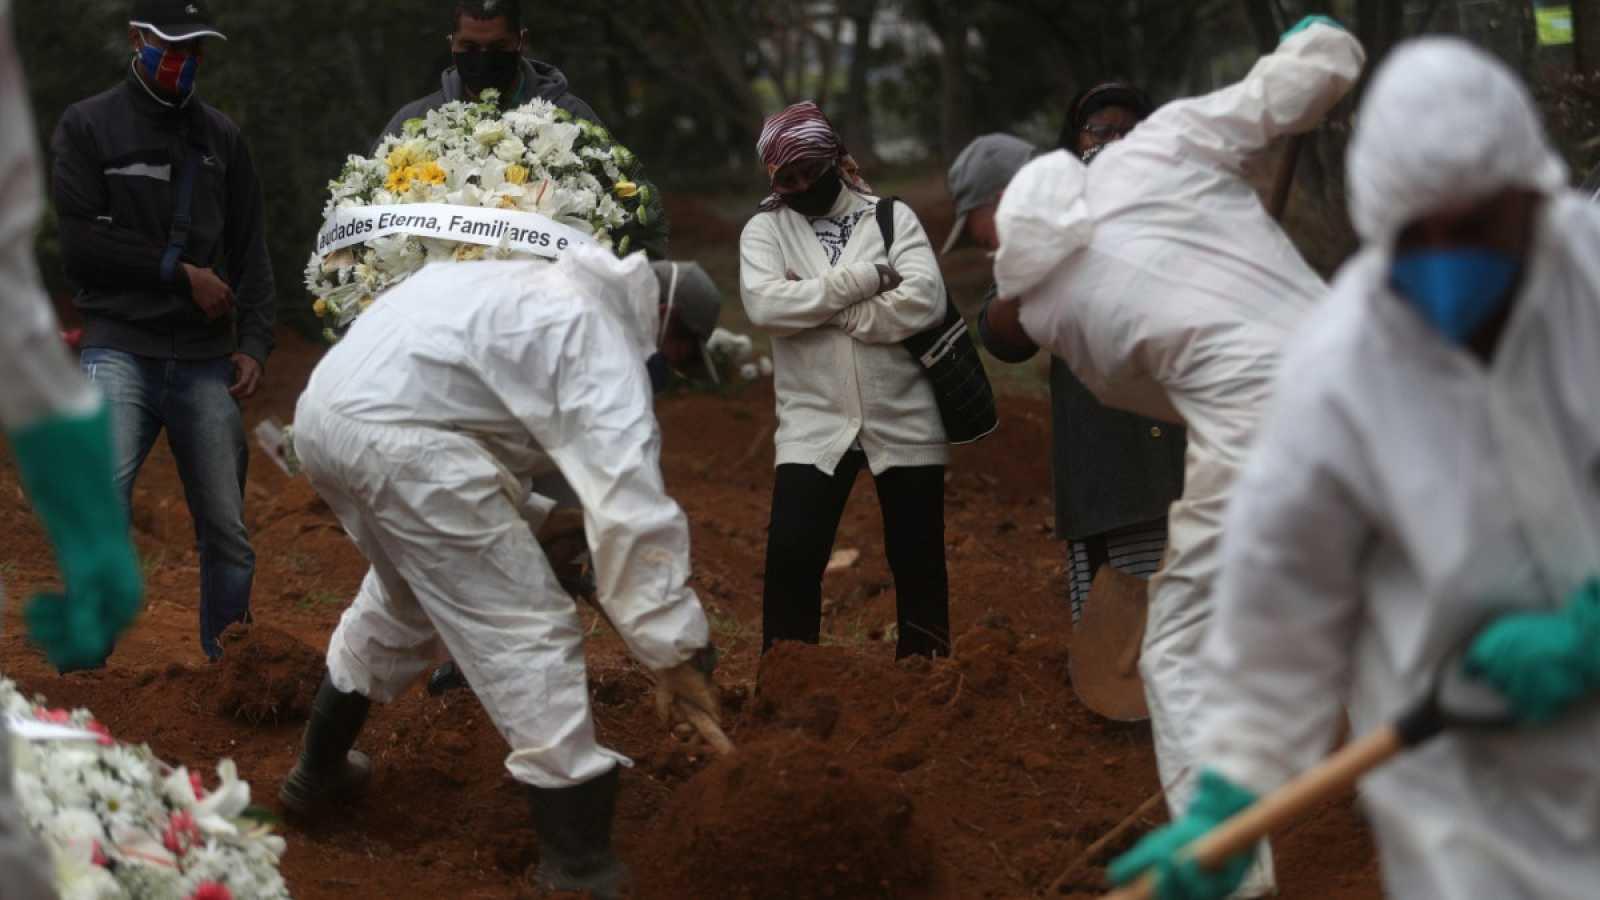 Una mujer asiste al entierro de su hijo, de 47 años, que murió con la enfermedad del coronavirus, la COVID-19, en Sao Paulo, Brasil.